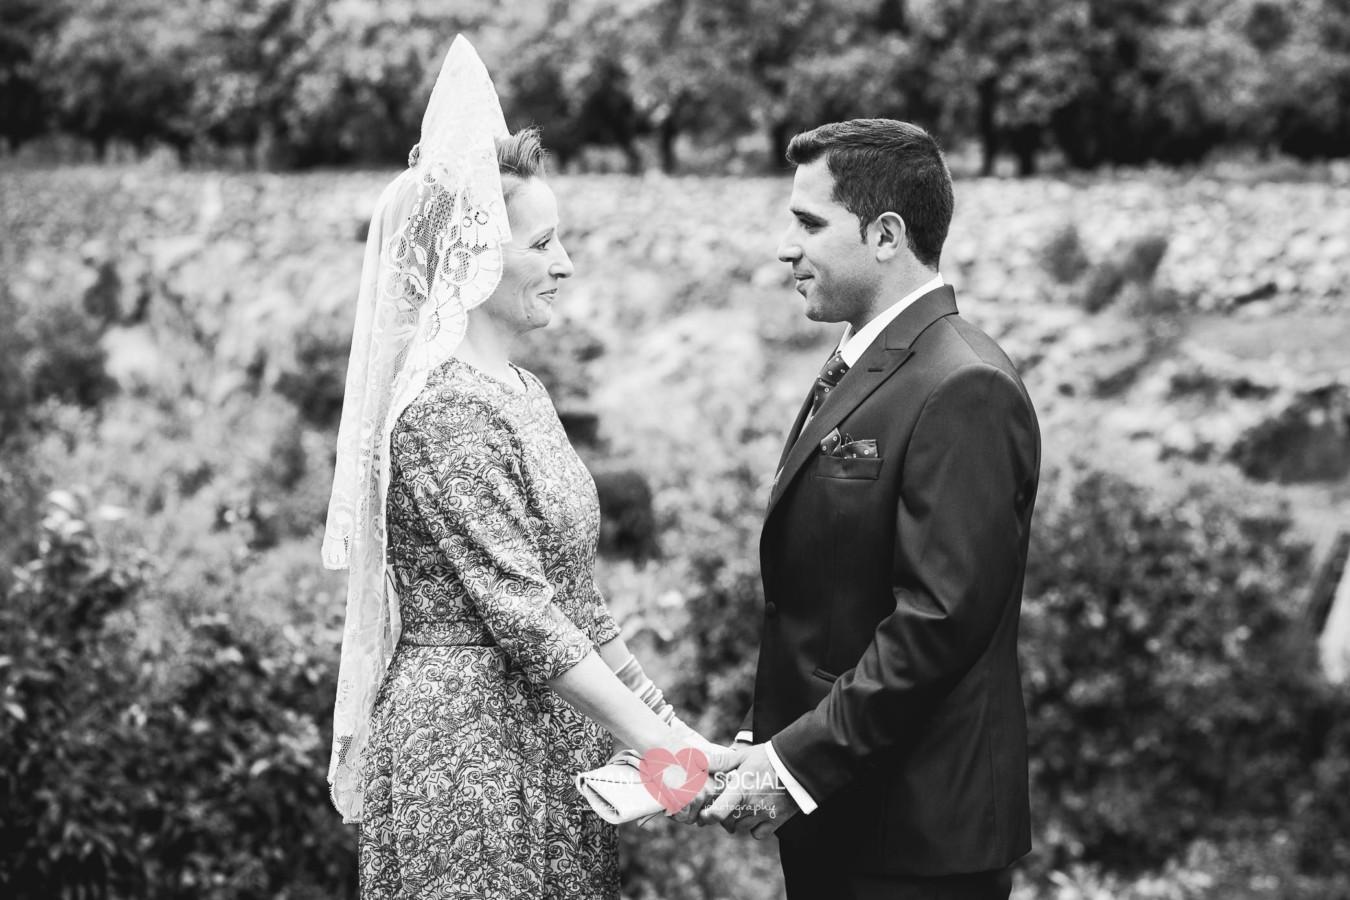 fotografo-de-boda-en-cordoba-sevilla-posadas-boda-auxi-y-antonio-12 Auxi & Antonio, primera boda de la temporada - video boda cordoba